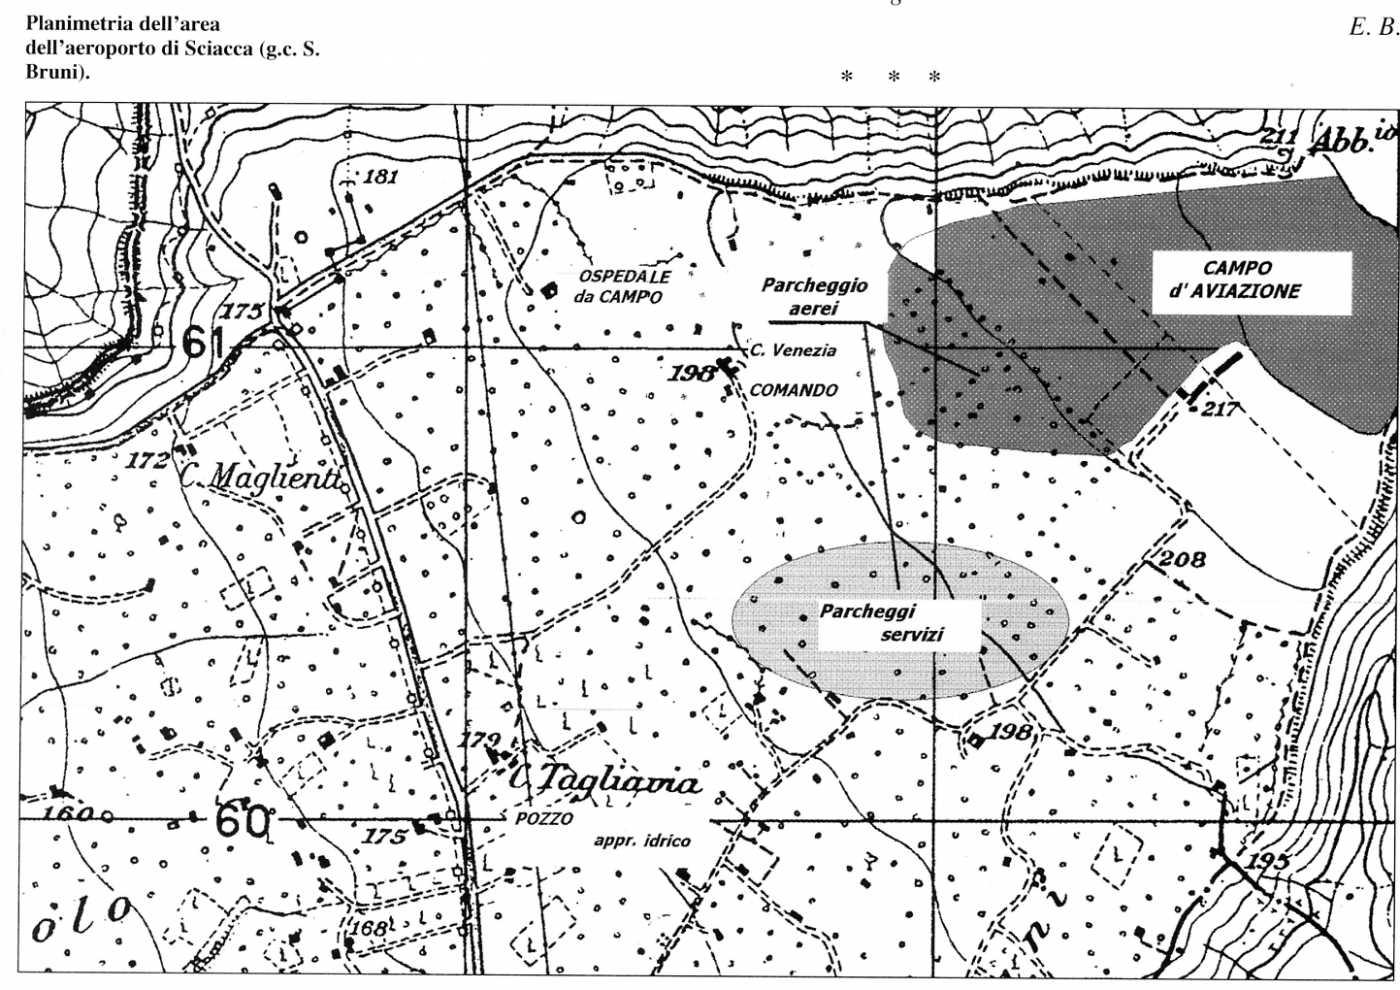 Aeroporto_Sciacca_Mappa.jpg